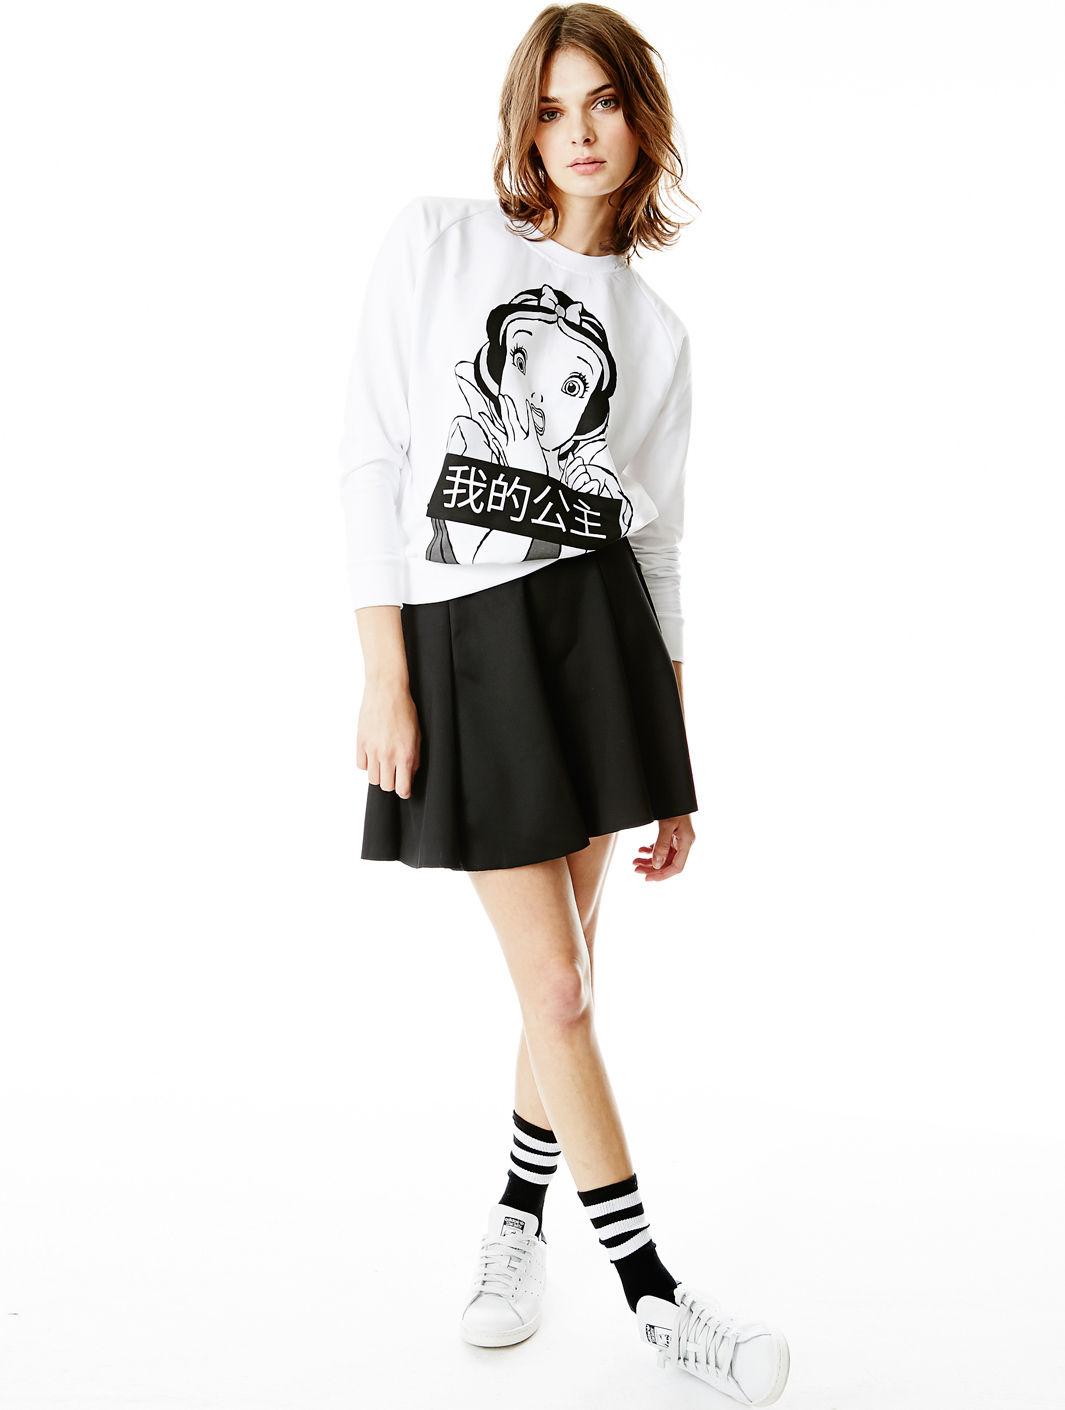 Jupe courte vero moda swing swing hw short skirt black